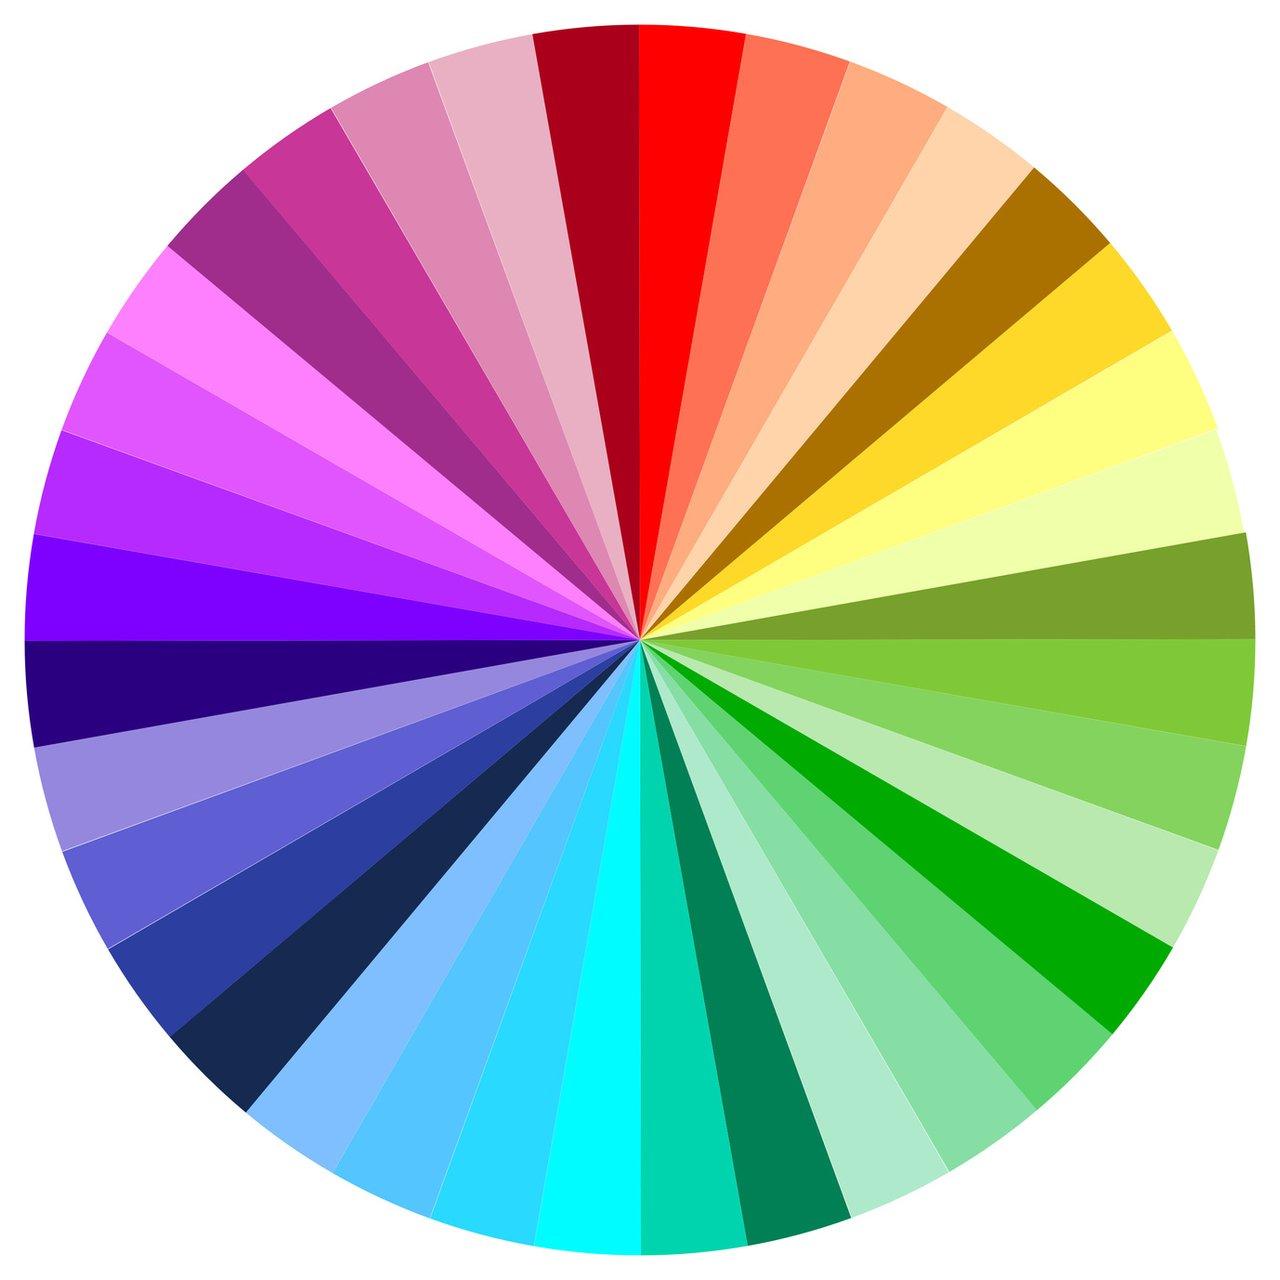 farben an der wand f r jede stimmung den richtigen ton jochen kn dler. Black Bedroom Furniture Sets. Home Design Ideas